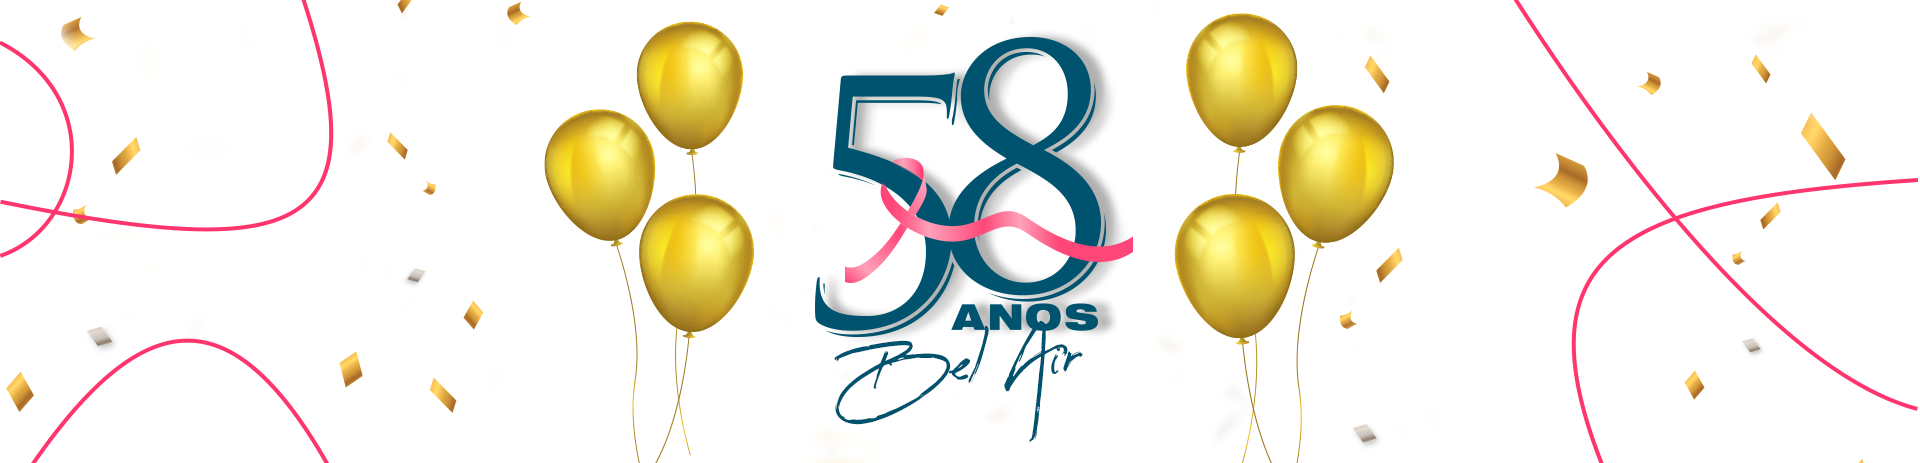 Bel Air 58 Anos!!!